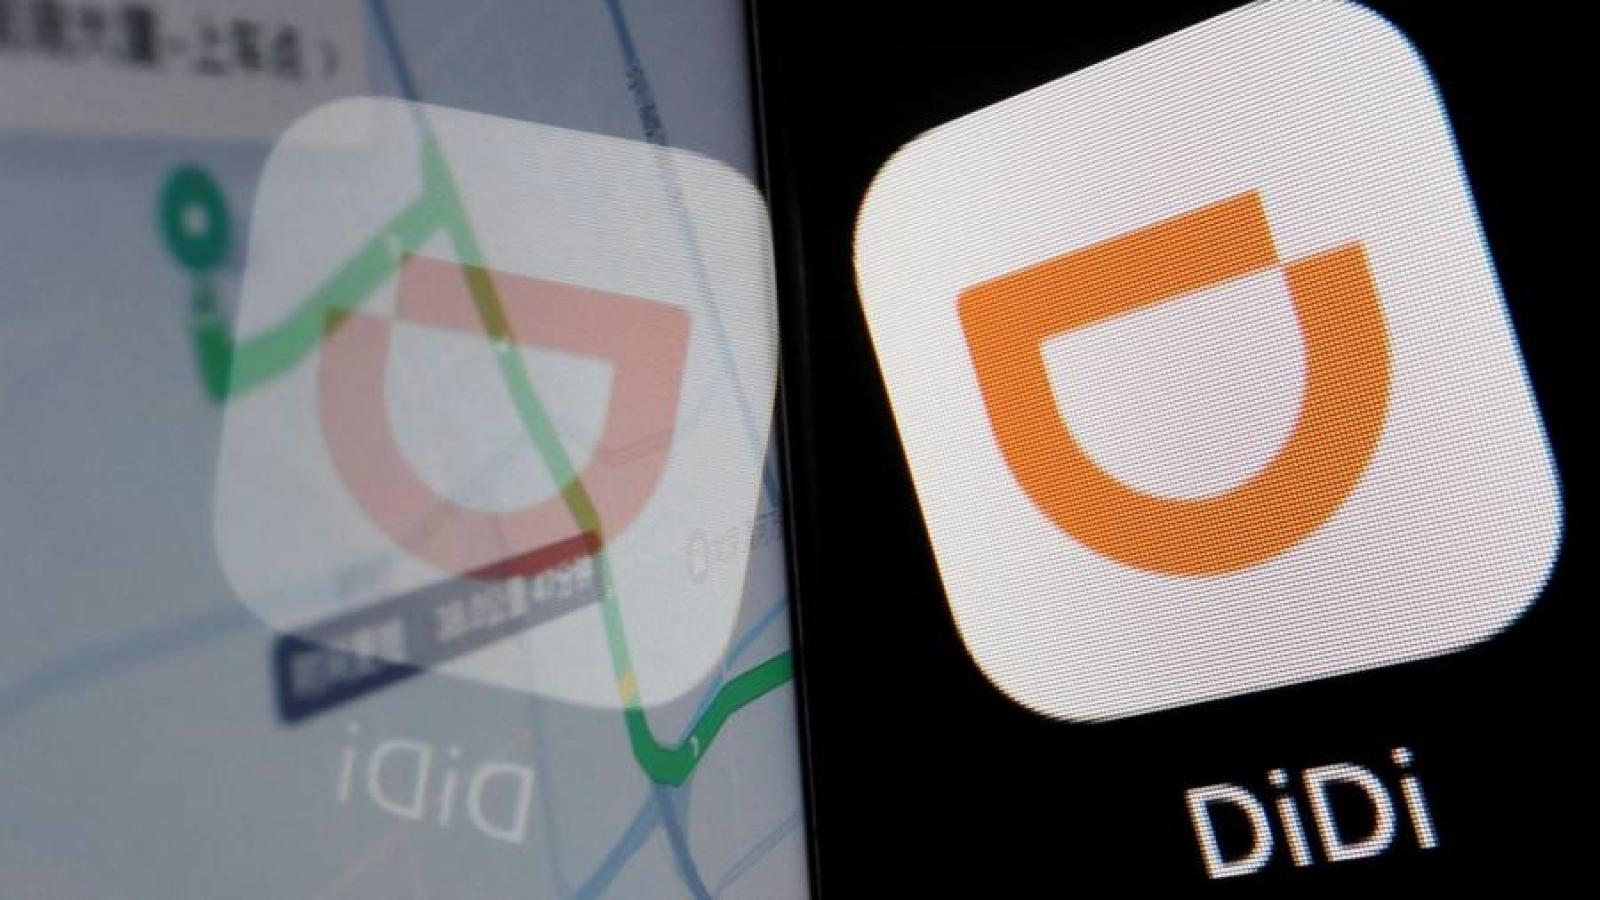 Trung Quốc điều tra an ninh mạng hàng loạt ứng dụng online lớn